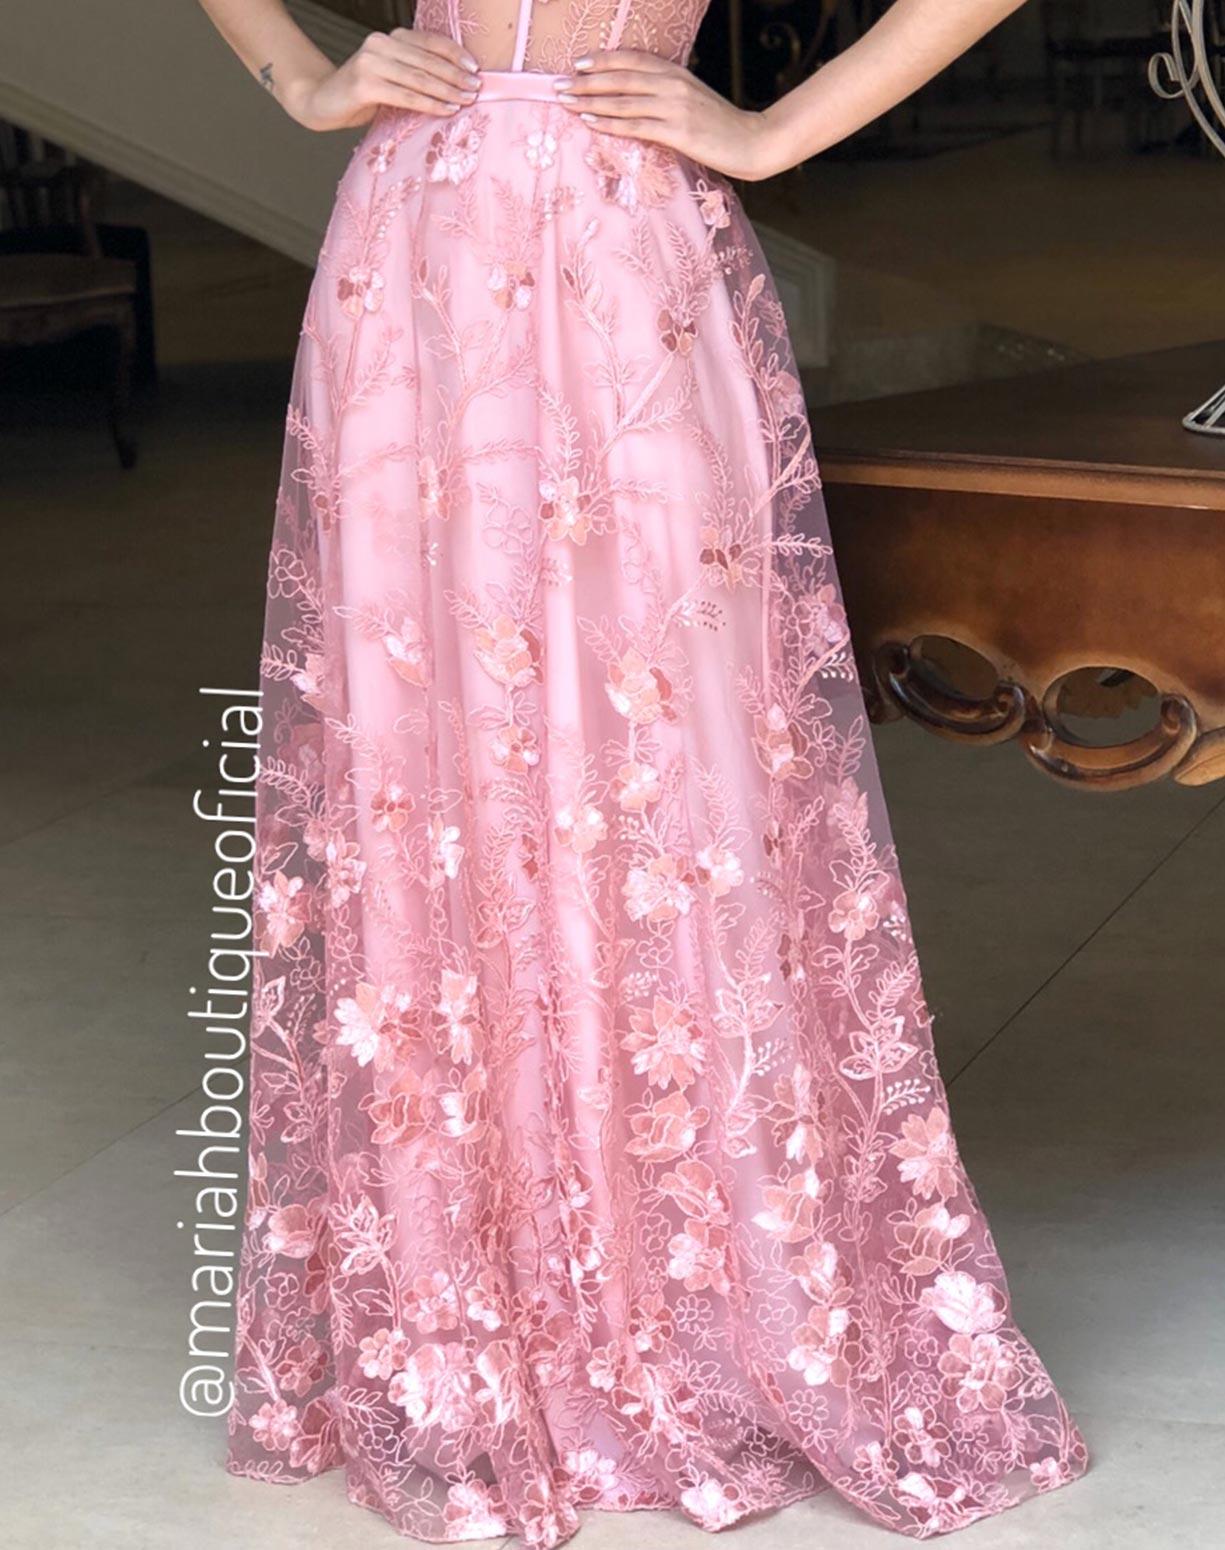 Vestido Rosê com Corpete em Tule Bordado